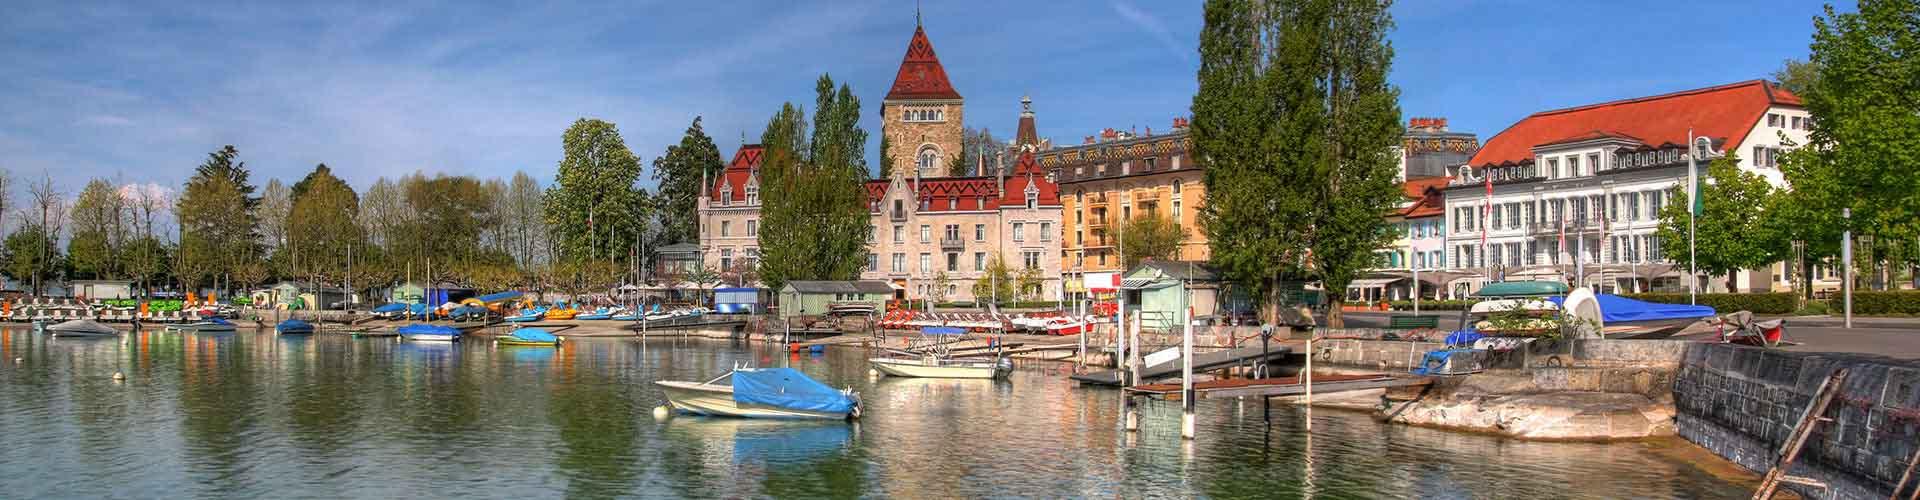 Lausanne - Appartments à Lausanne. Cartes pour Lausanne, photos et commentaires pour chaque appartement à Lausanne.